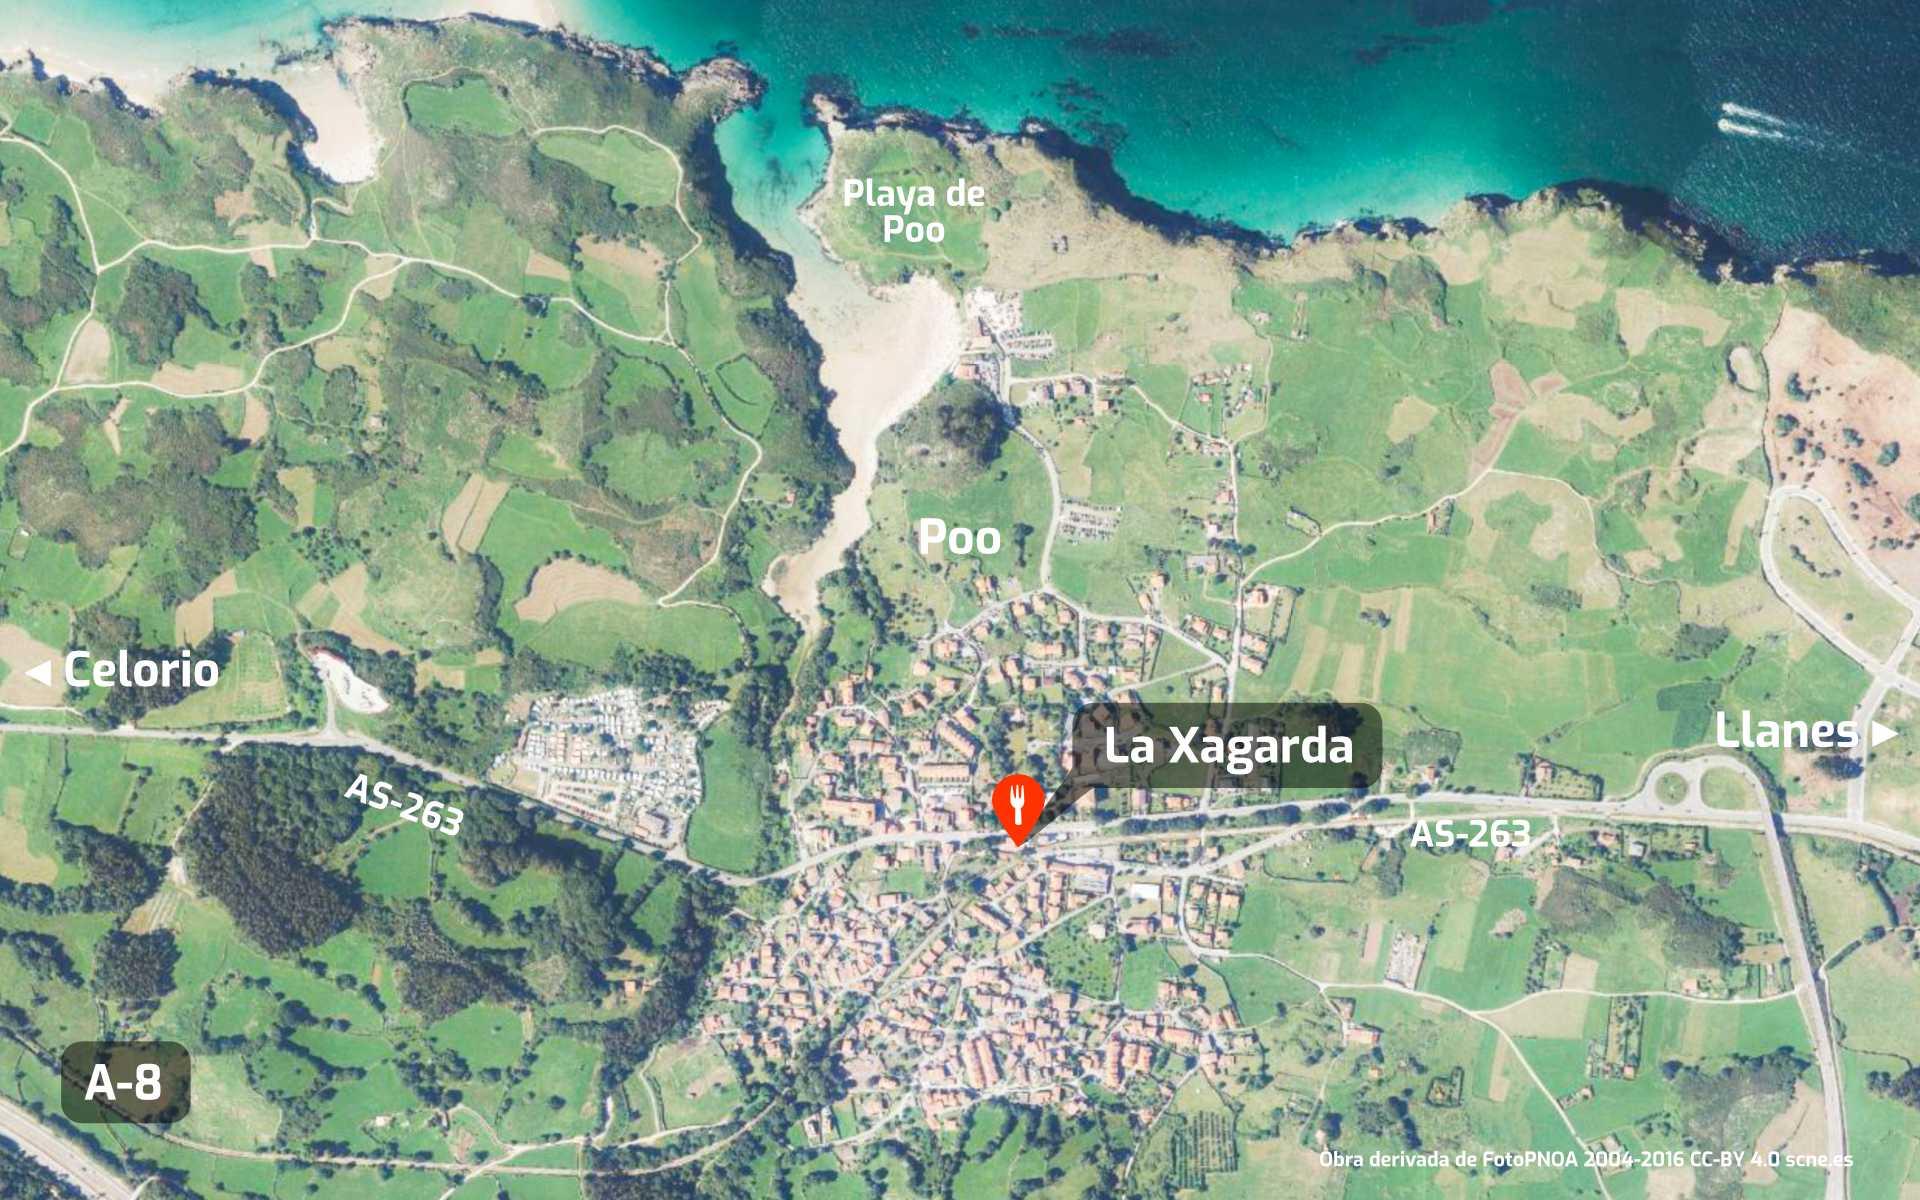 Mapa de cómo llegar al restaurante La Xagarda en Poo, Llanes, Asturias